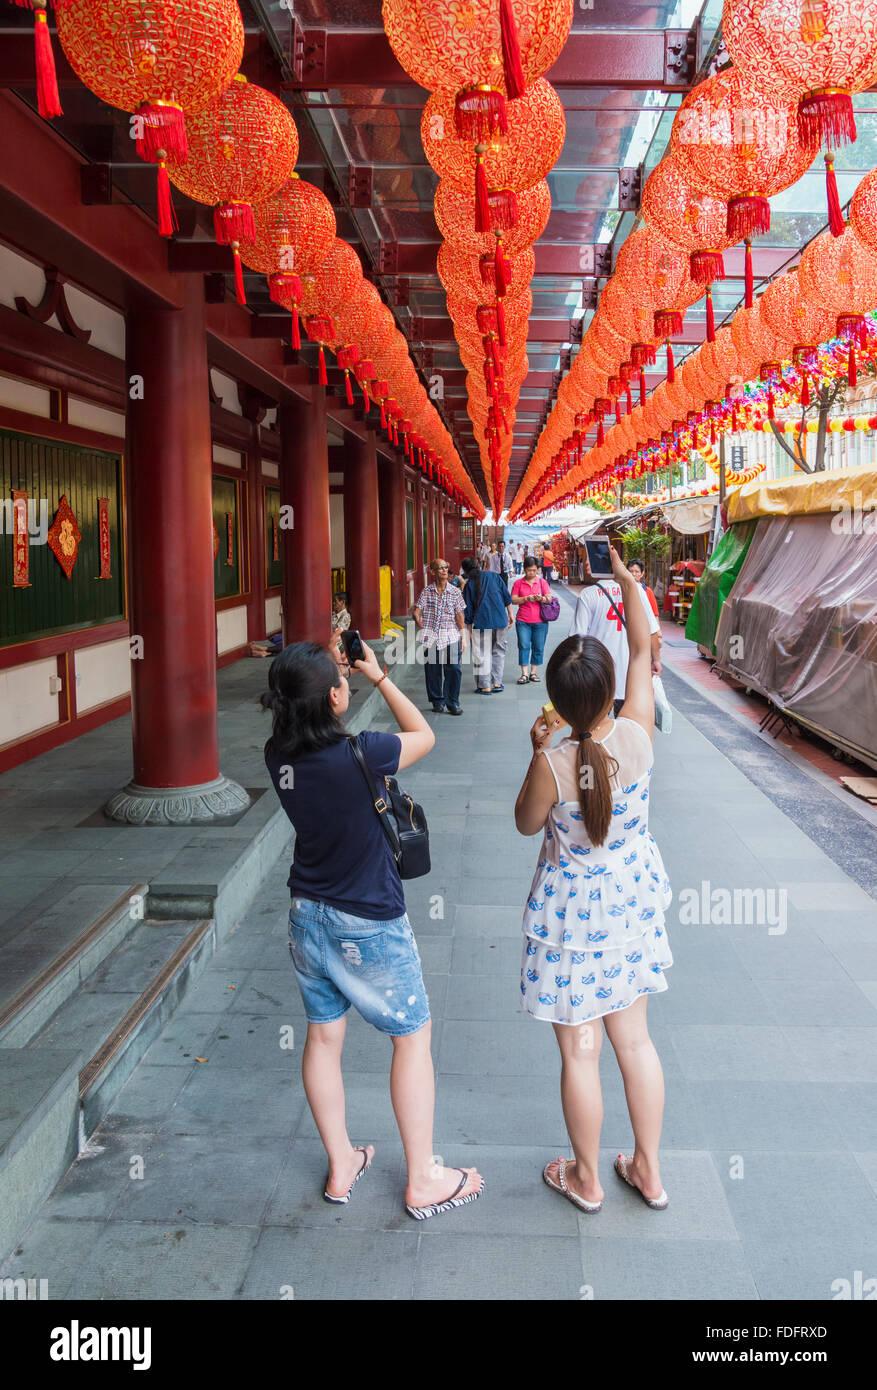 Les personnes qui prennent des photos des lanternes rouges au Buddha Tooth Relic Temple pendant le Nouvel An chinois Photo Stock